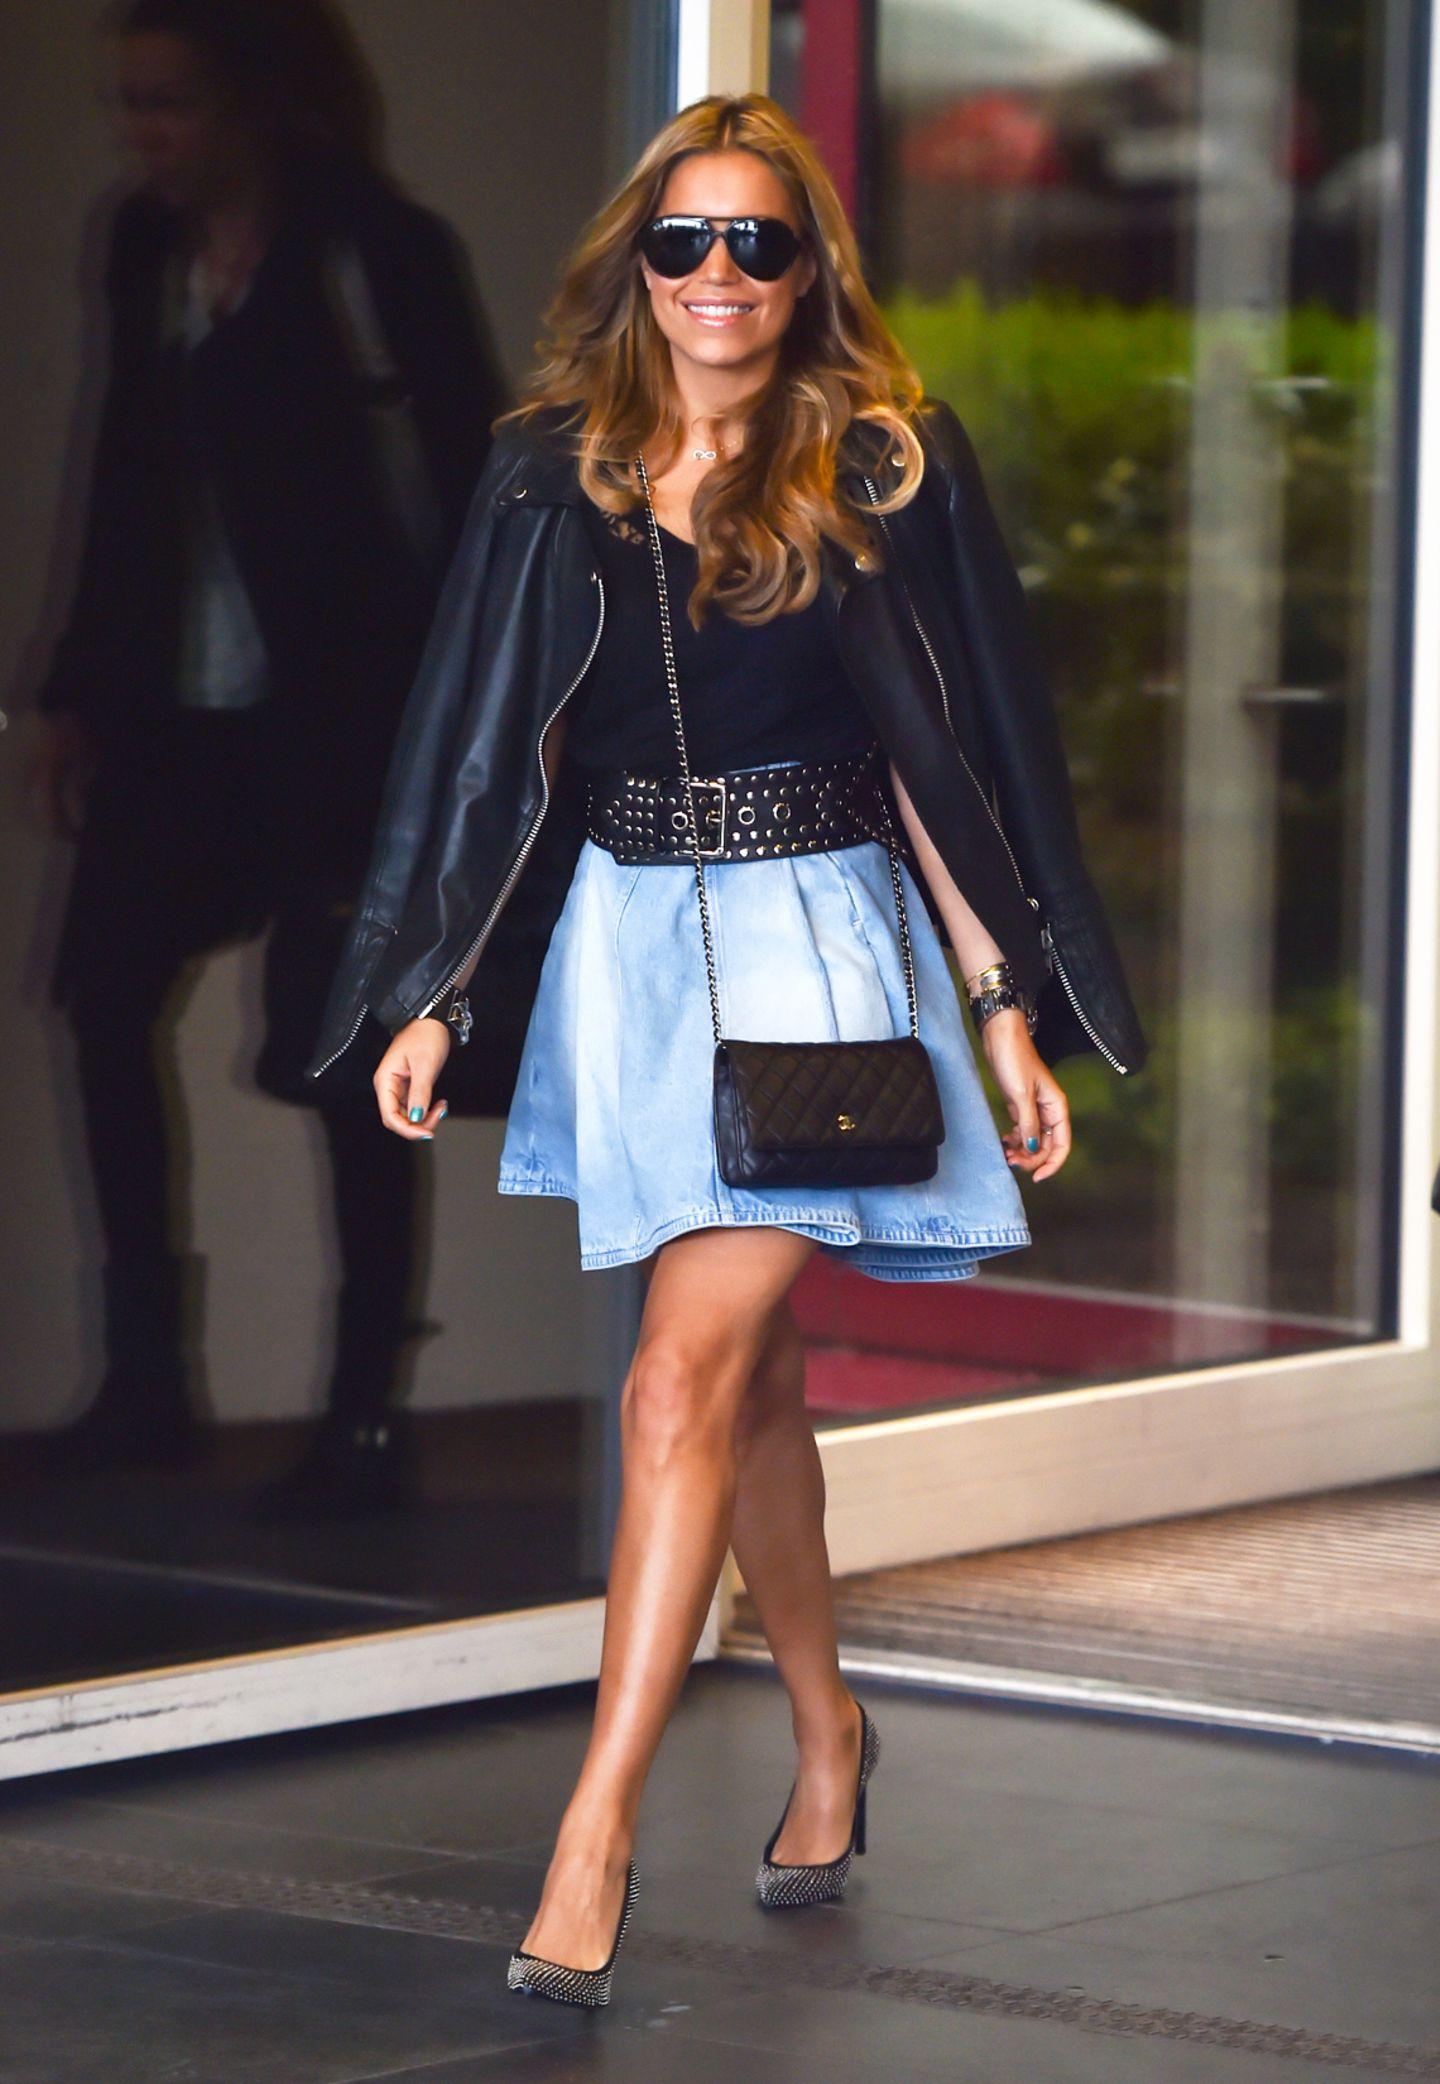 Ein echter Wow-Look mit schwingendem Jeans-Mini und Chanel-Klassiker (um die 1.500 Euro).